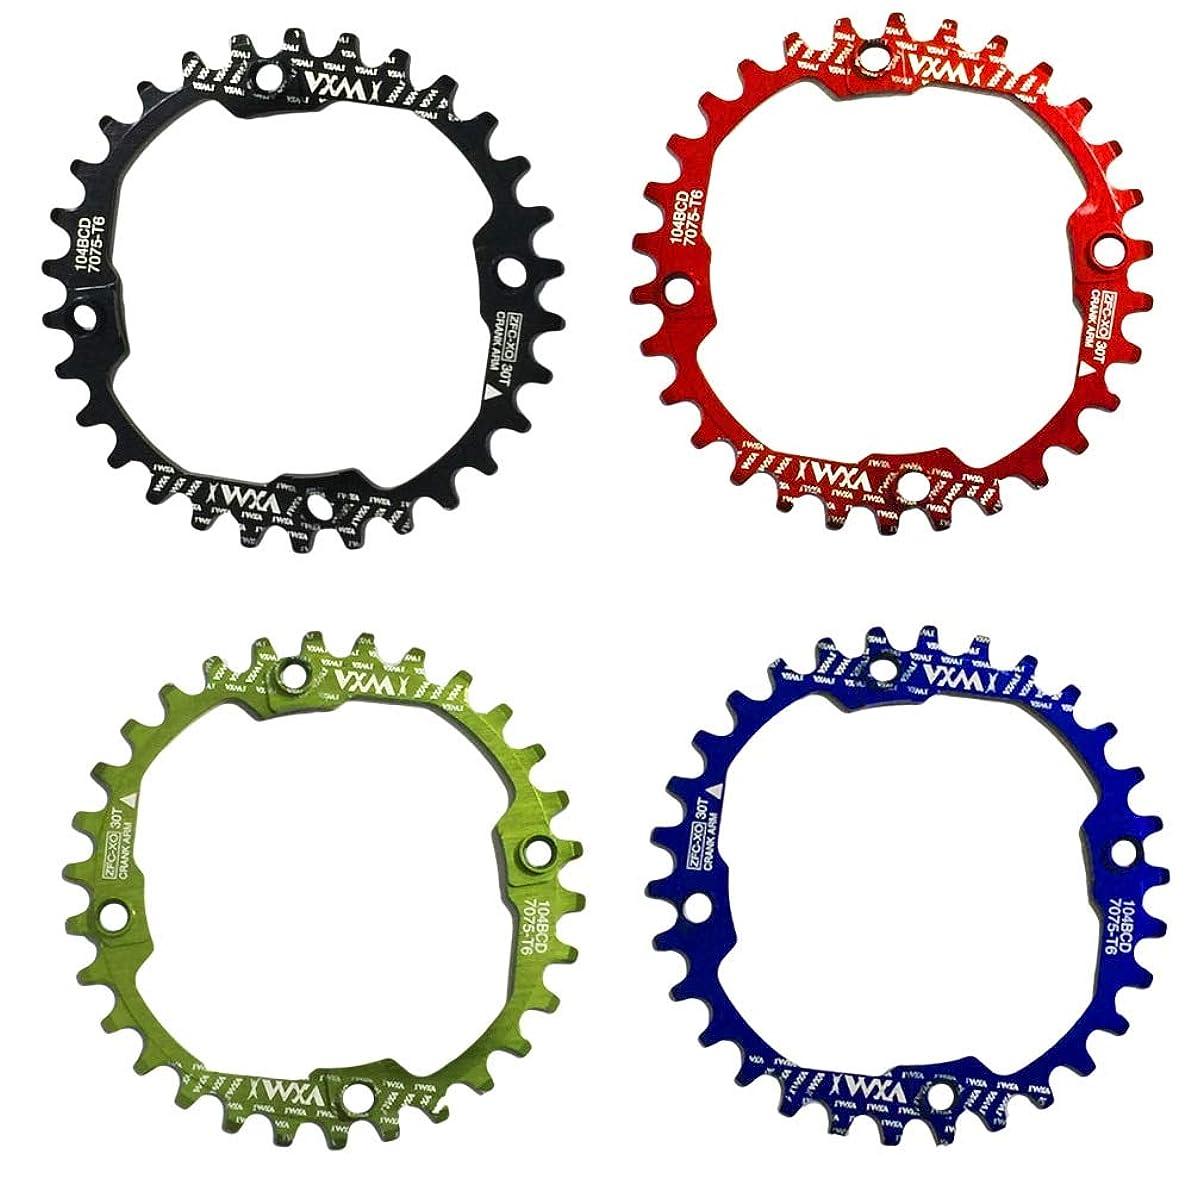 きちんとした葉巻汚れるPropenary - 1PC Bicycle Chainwheel Crank 30T 104BCD Aluminum Alloy Narrow Wide Chainring Round Bike Chainwheel Crankset Bicycle Parts [ Green ]